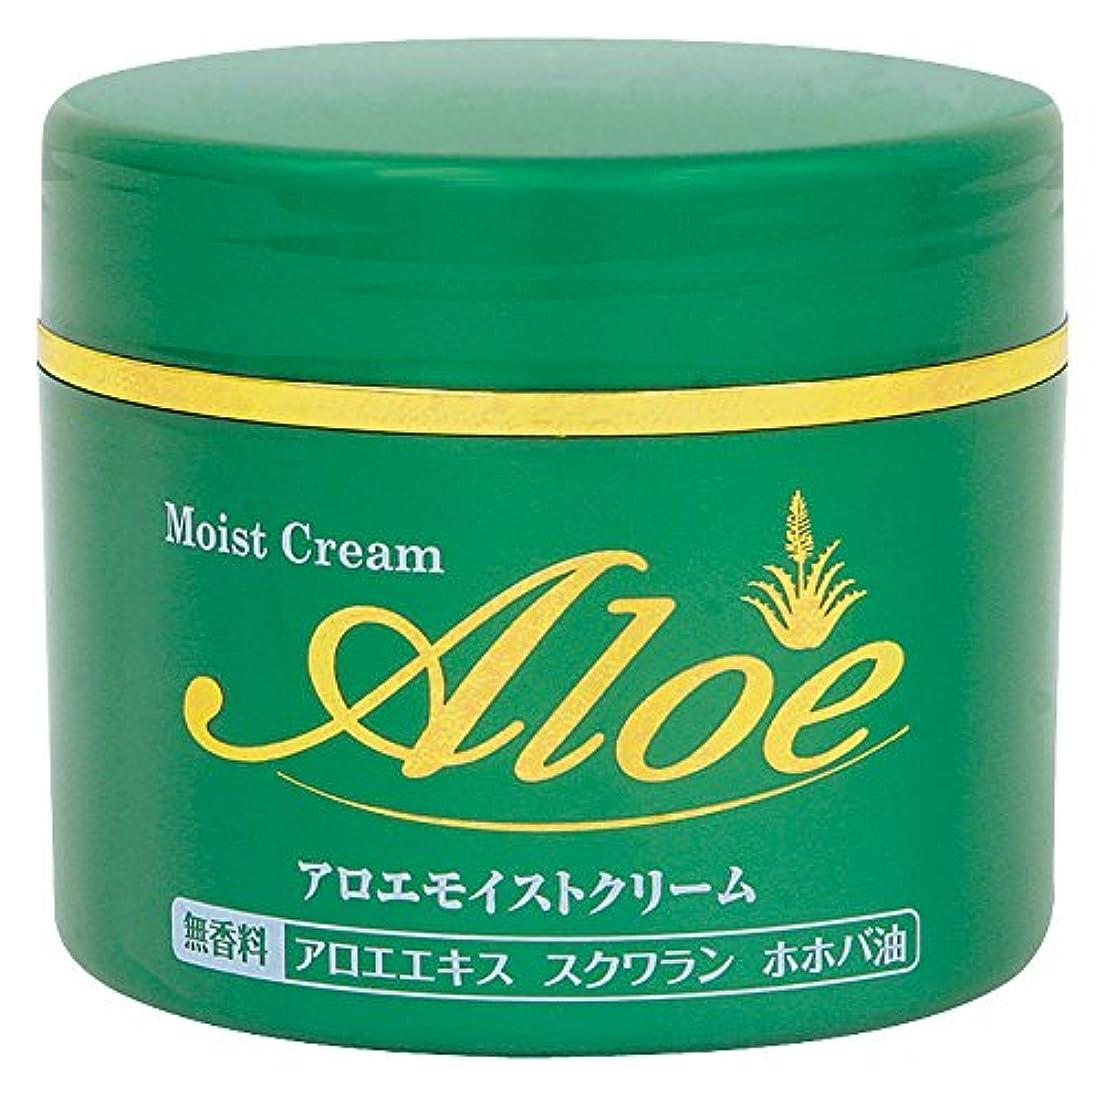 知恵従者レビュアー井藤漢方製薬 アロエモイストクリーム 160g (アロエクリーム 化粧品)